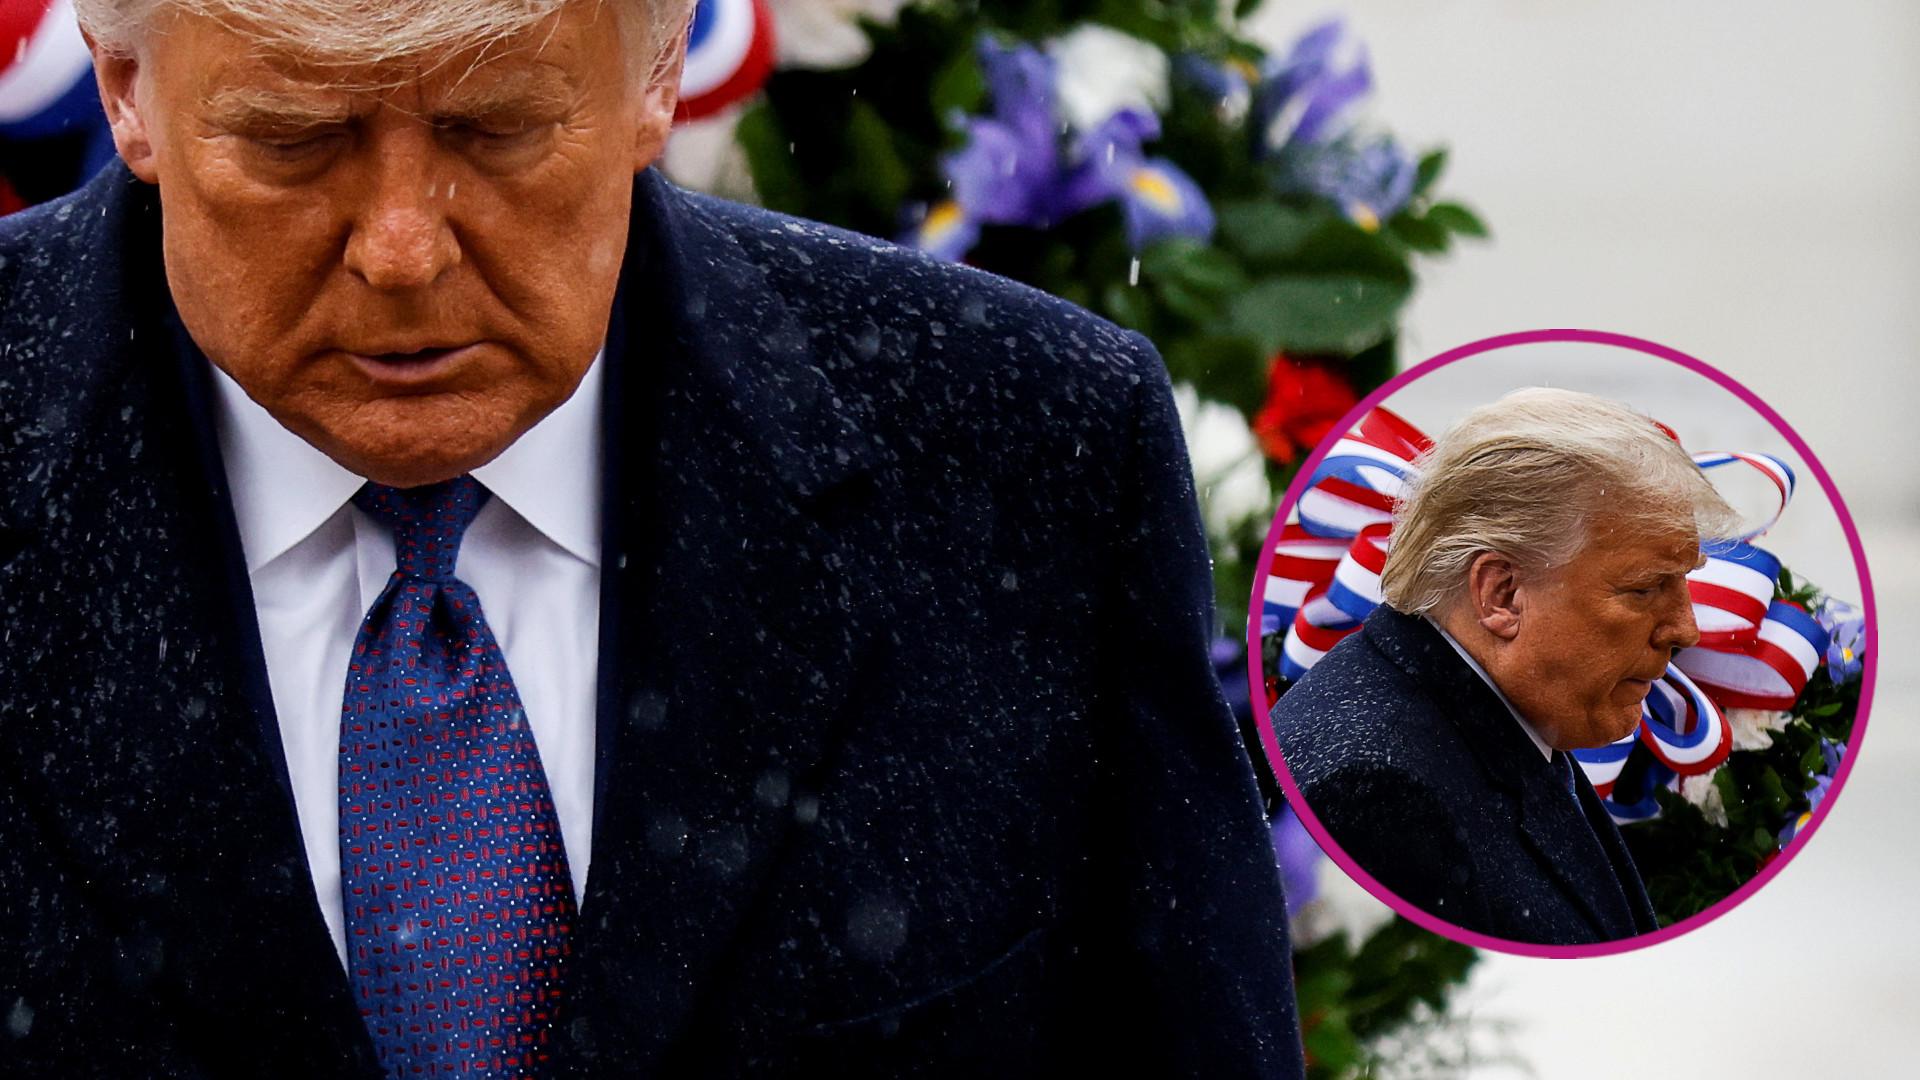 Donald Trump zmienił FRYZURĘ! Przestał farbować włosy?